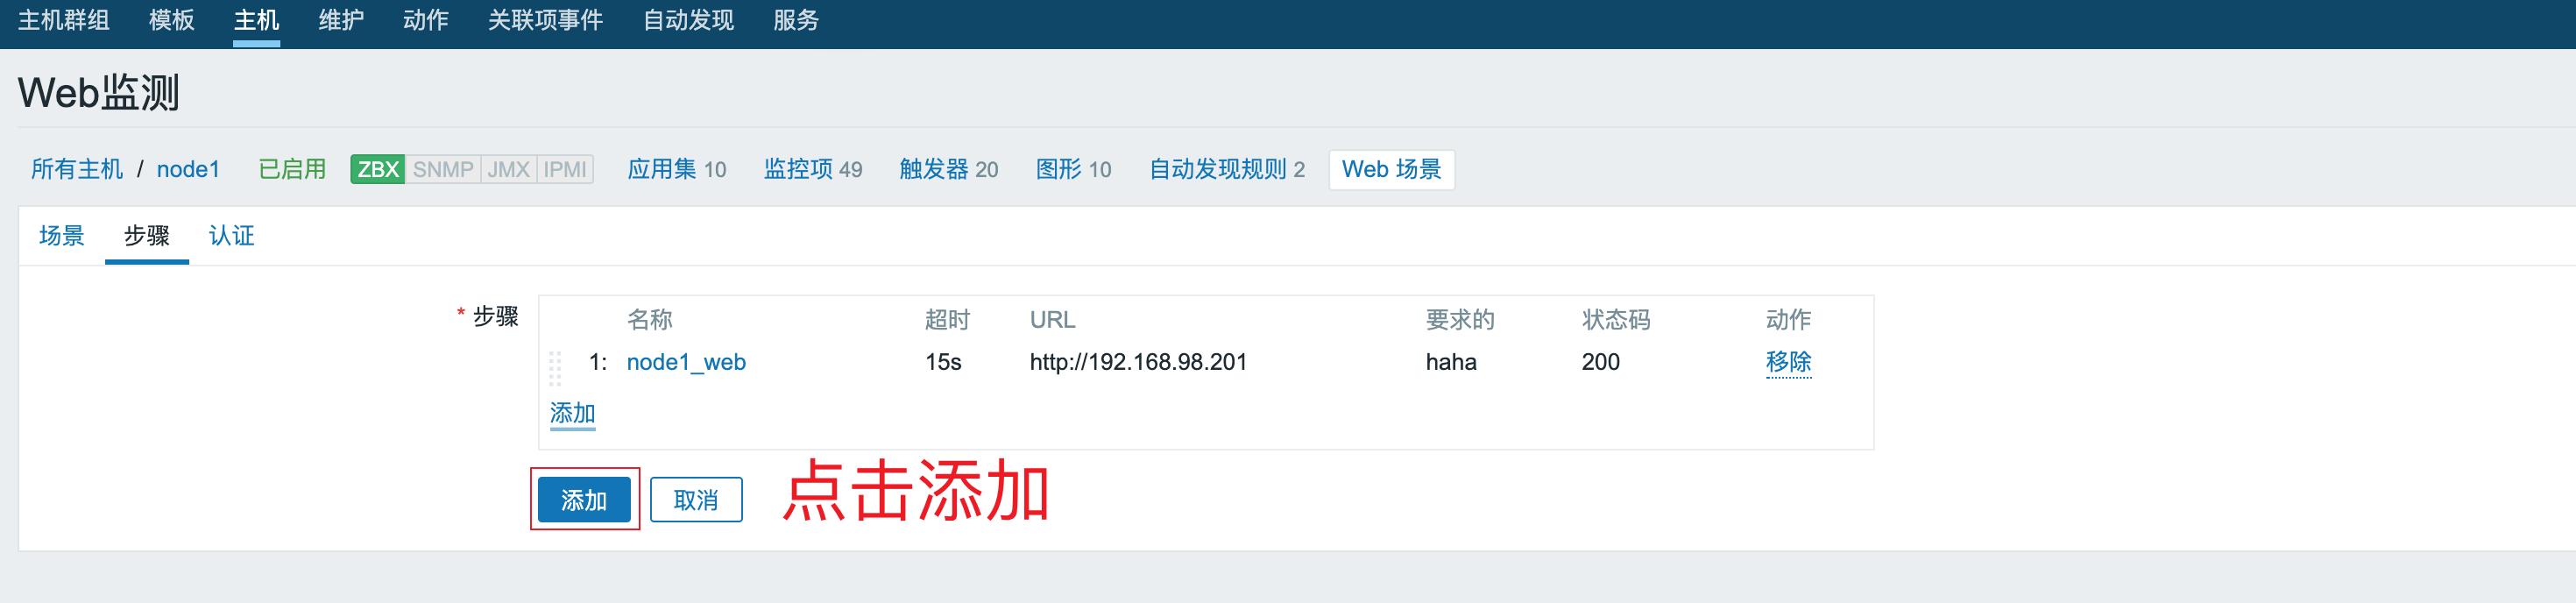 web_check5.png